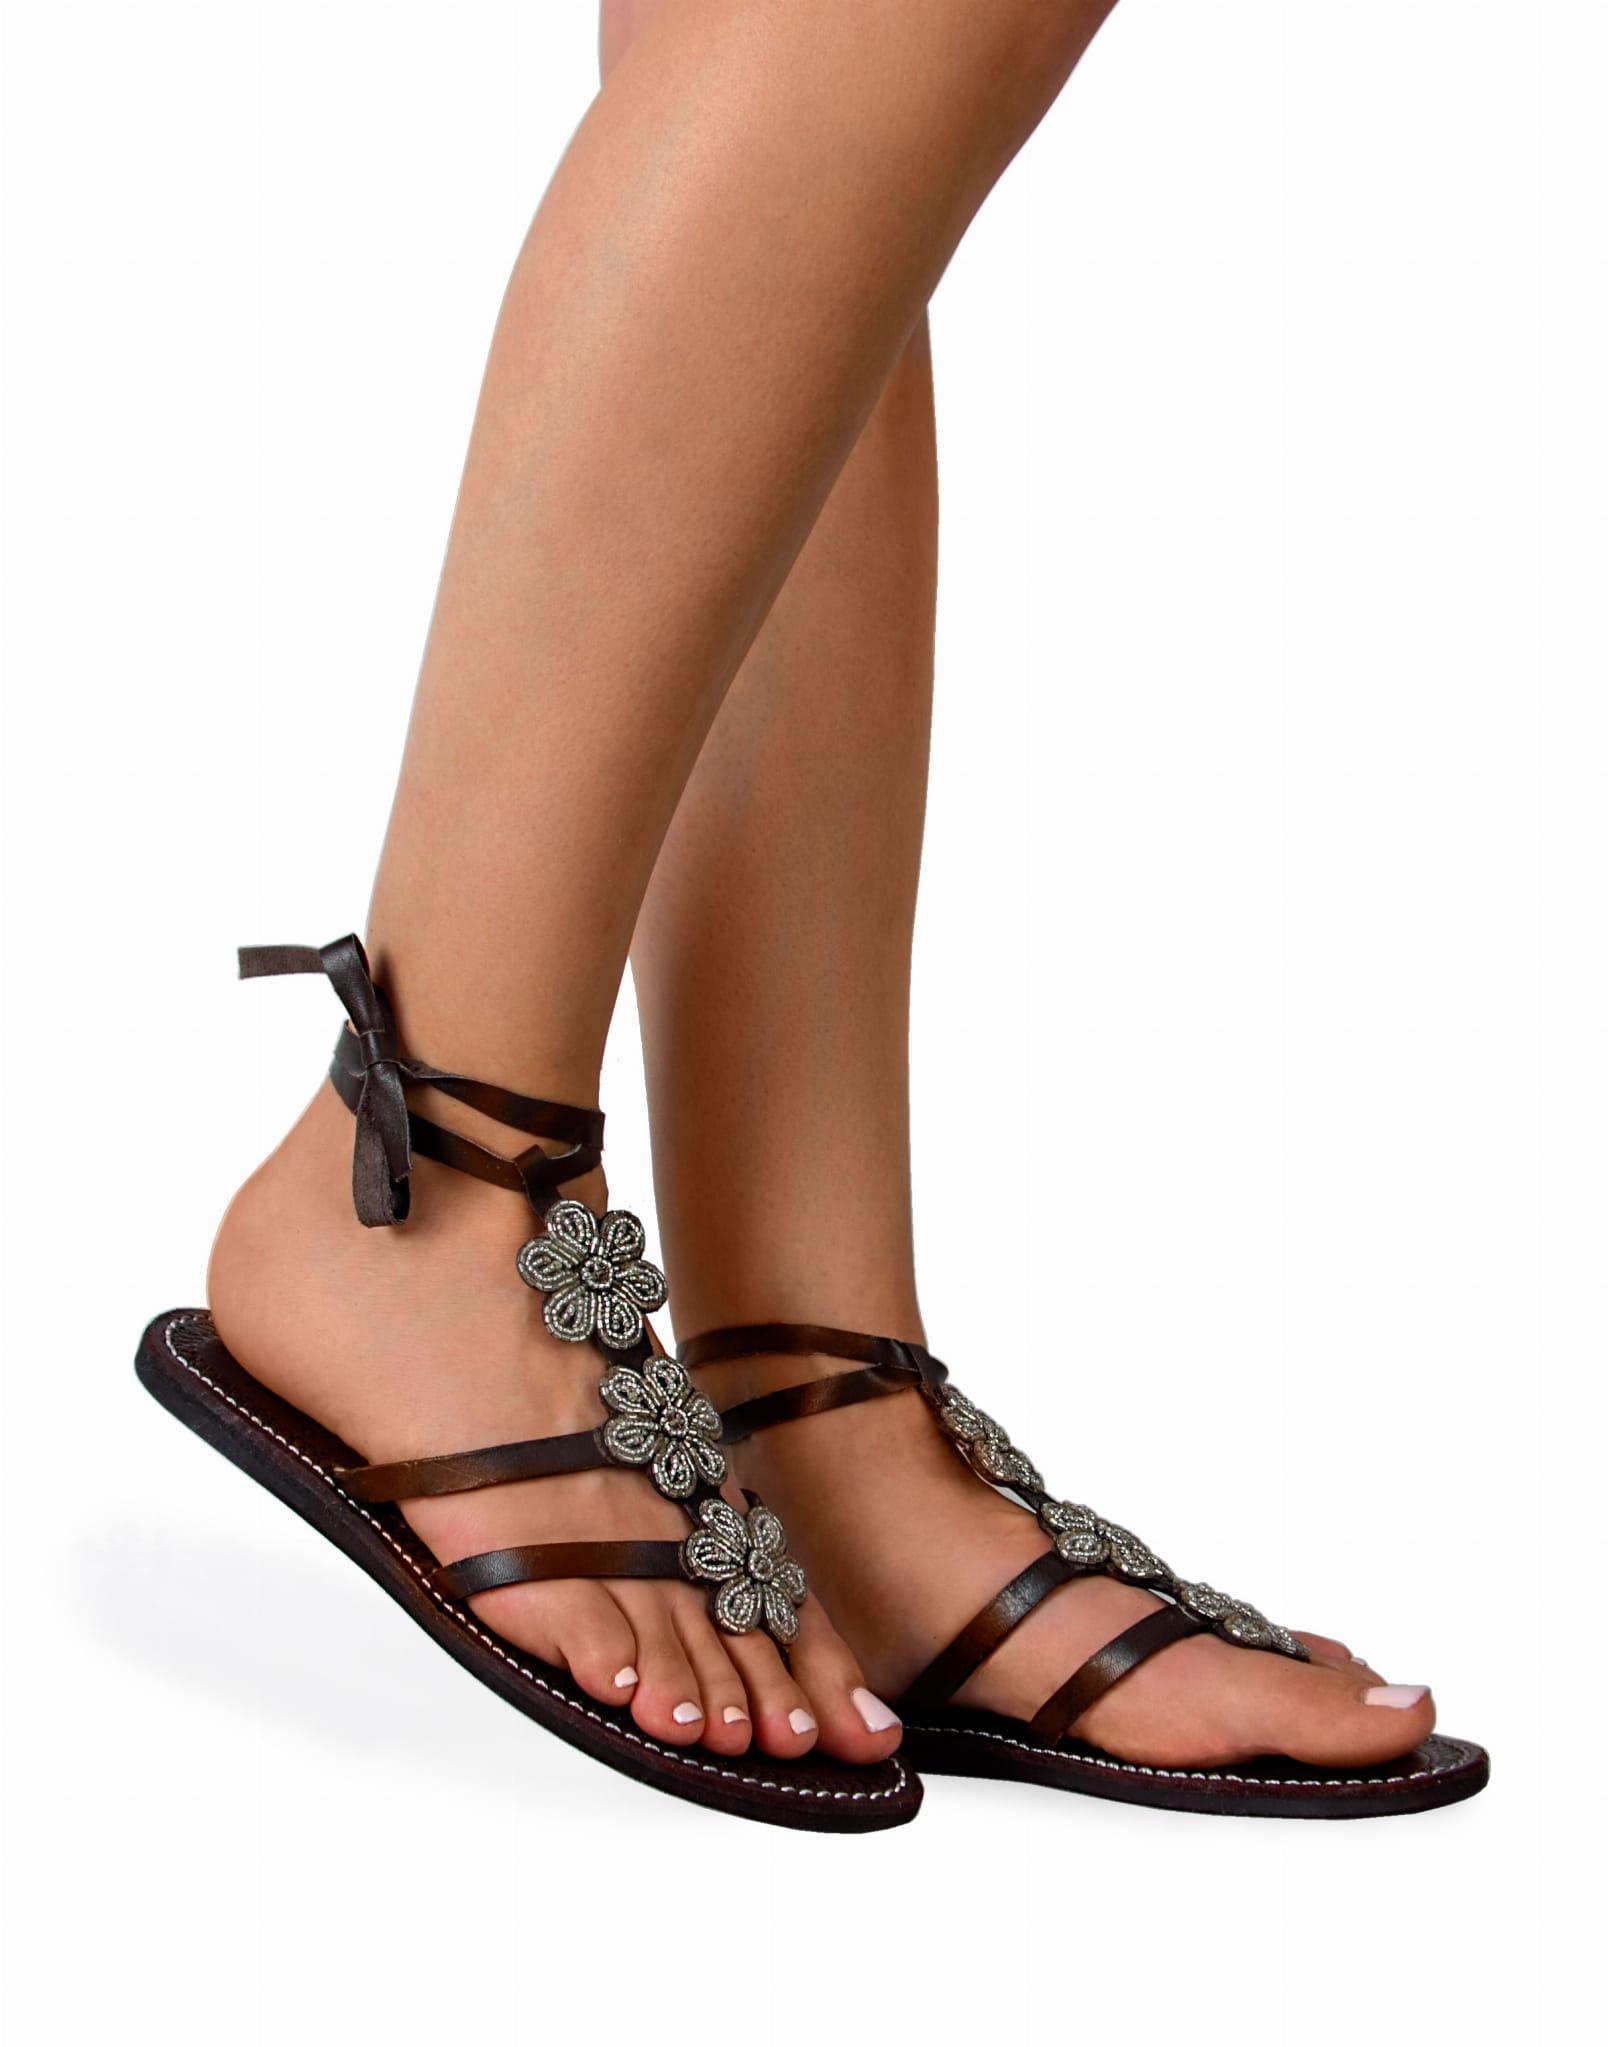 Sandały wiązane ze skóry Gladiator Shiny